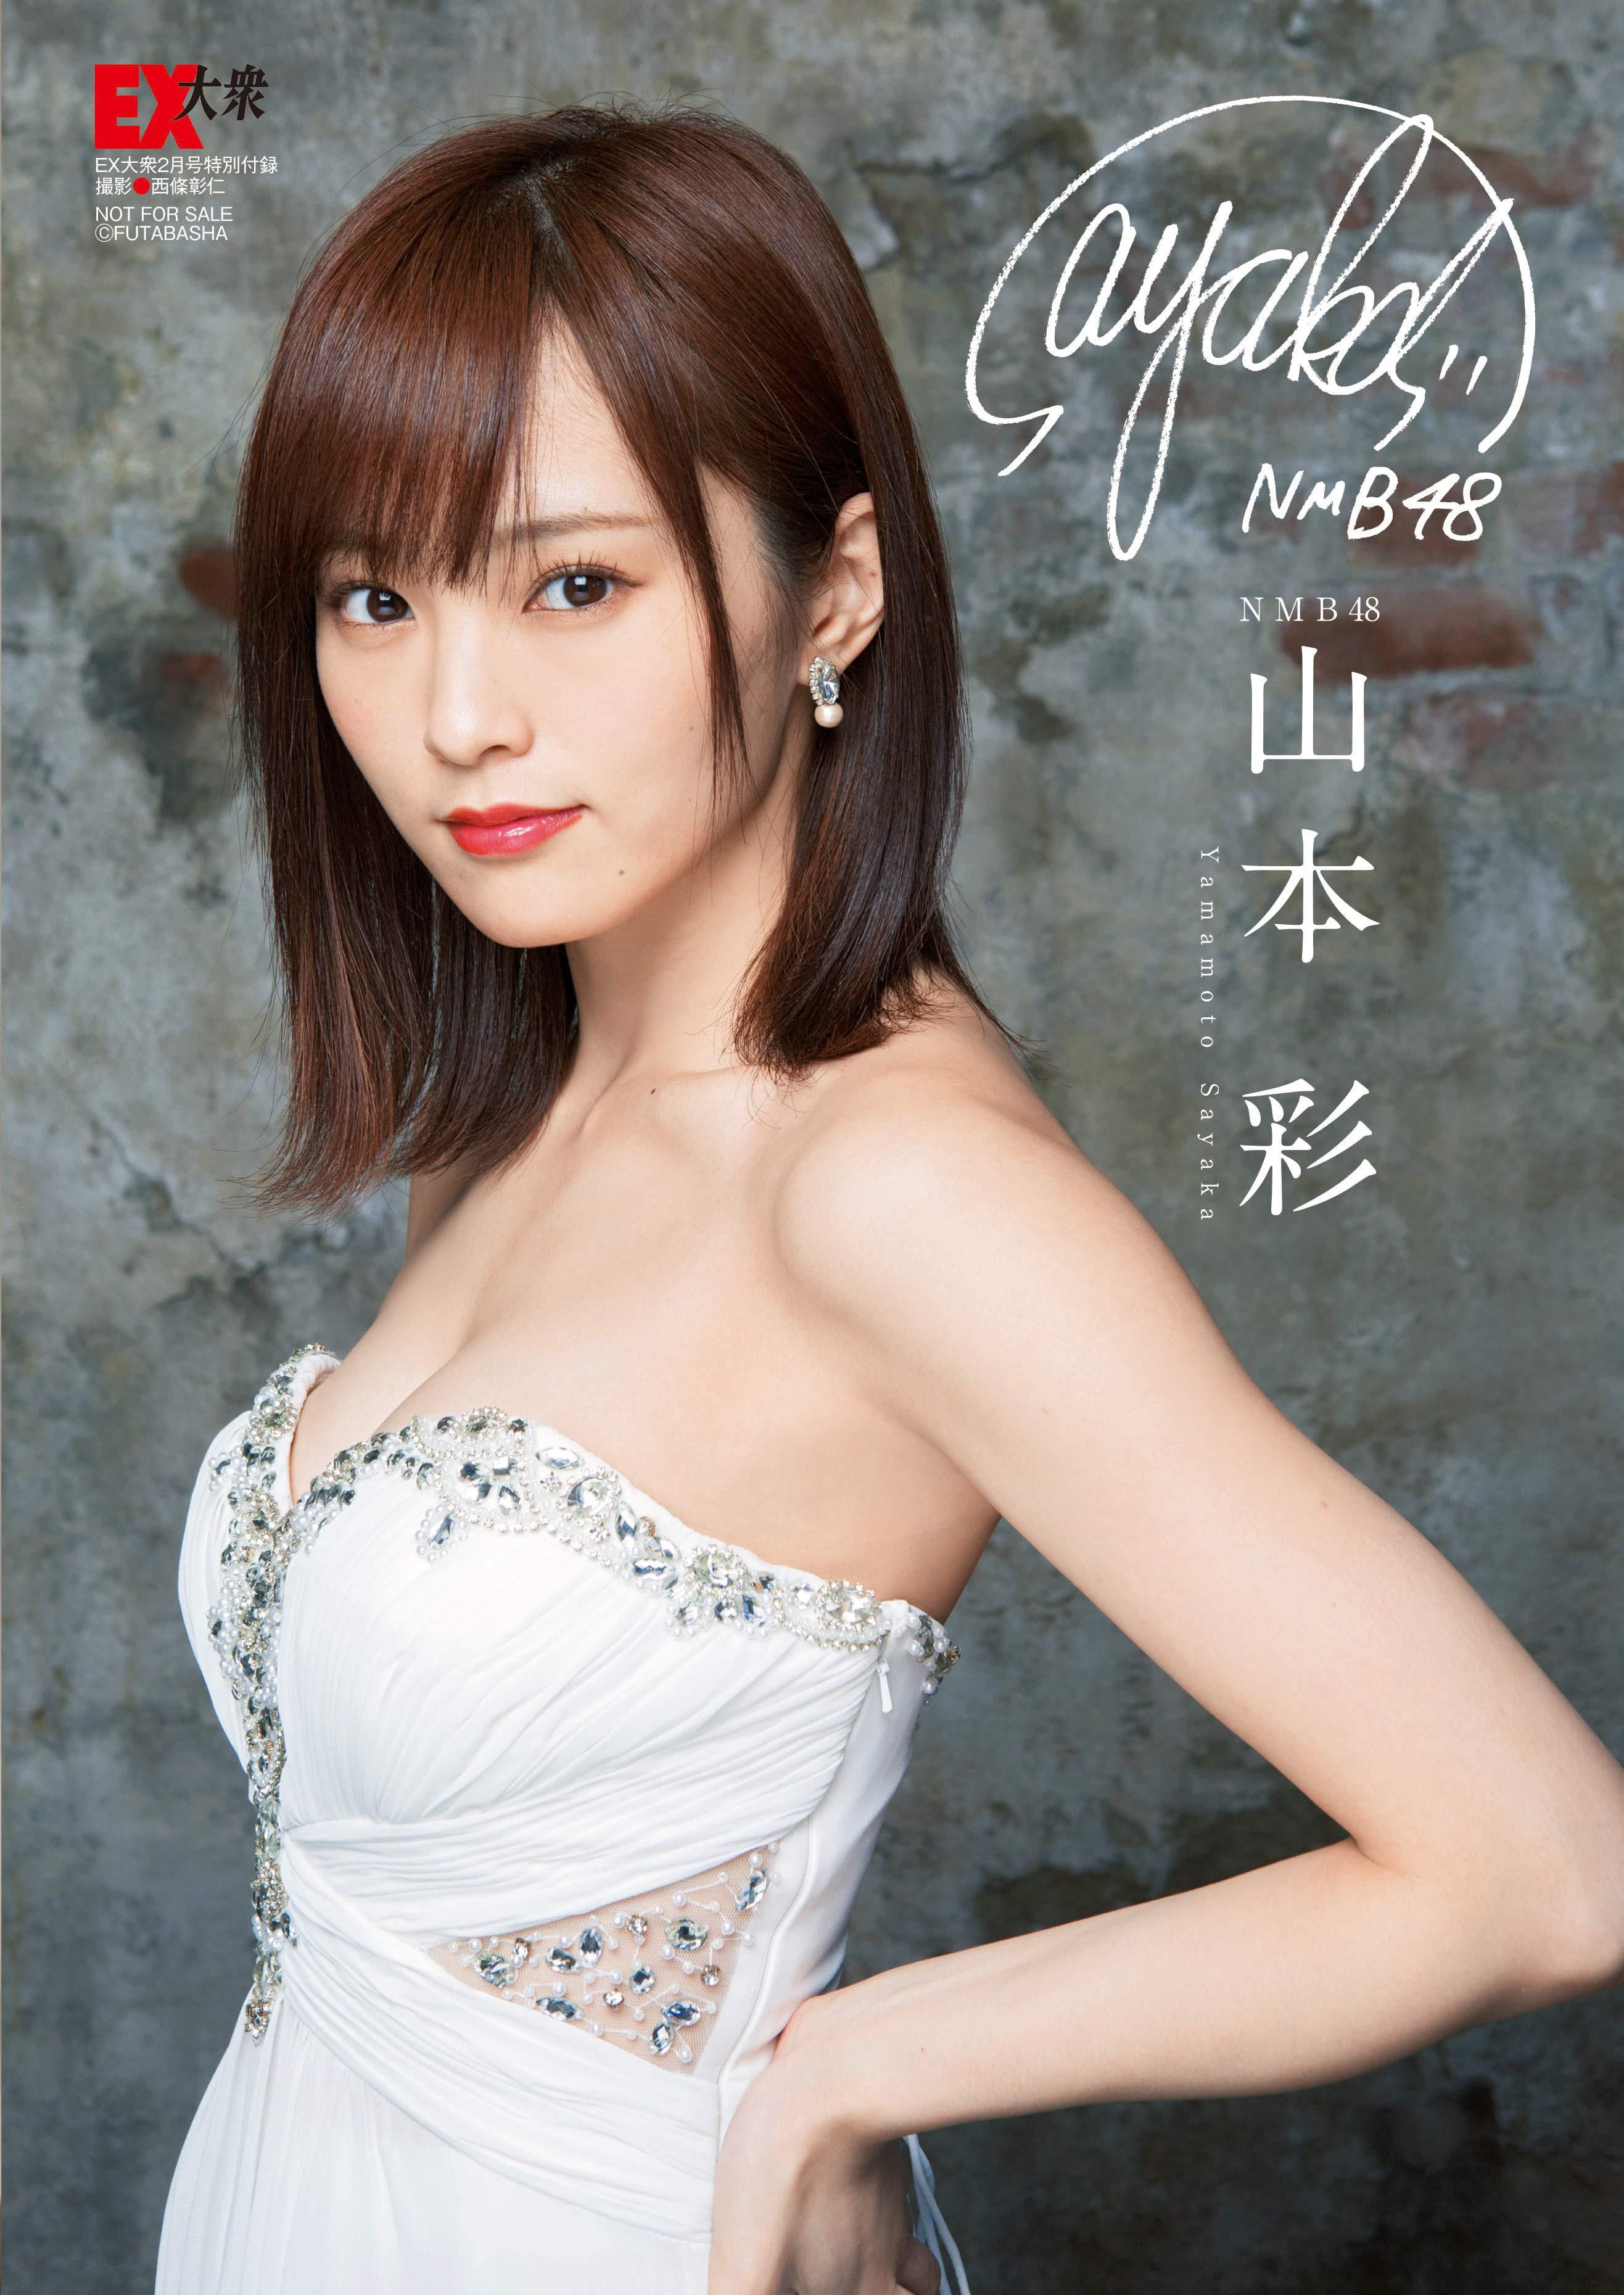 【NMB48】山本彩さん、10月27日に卒業する事が判明